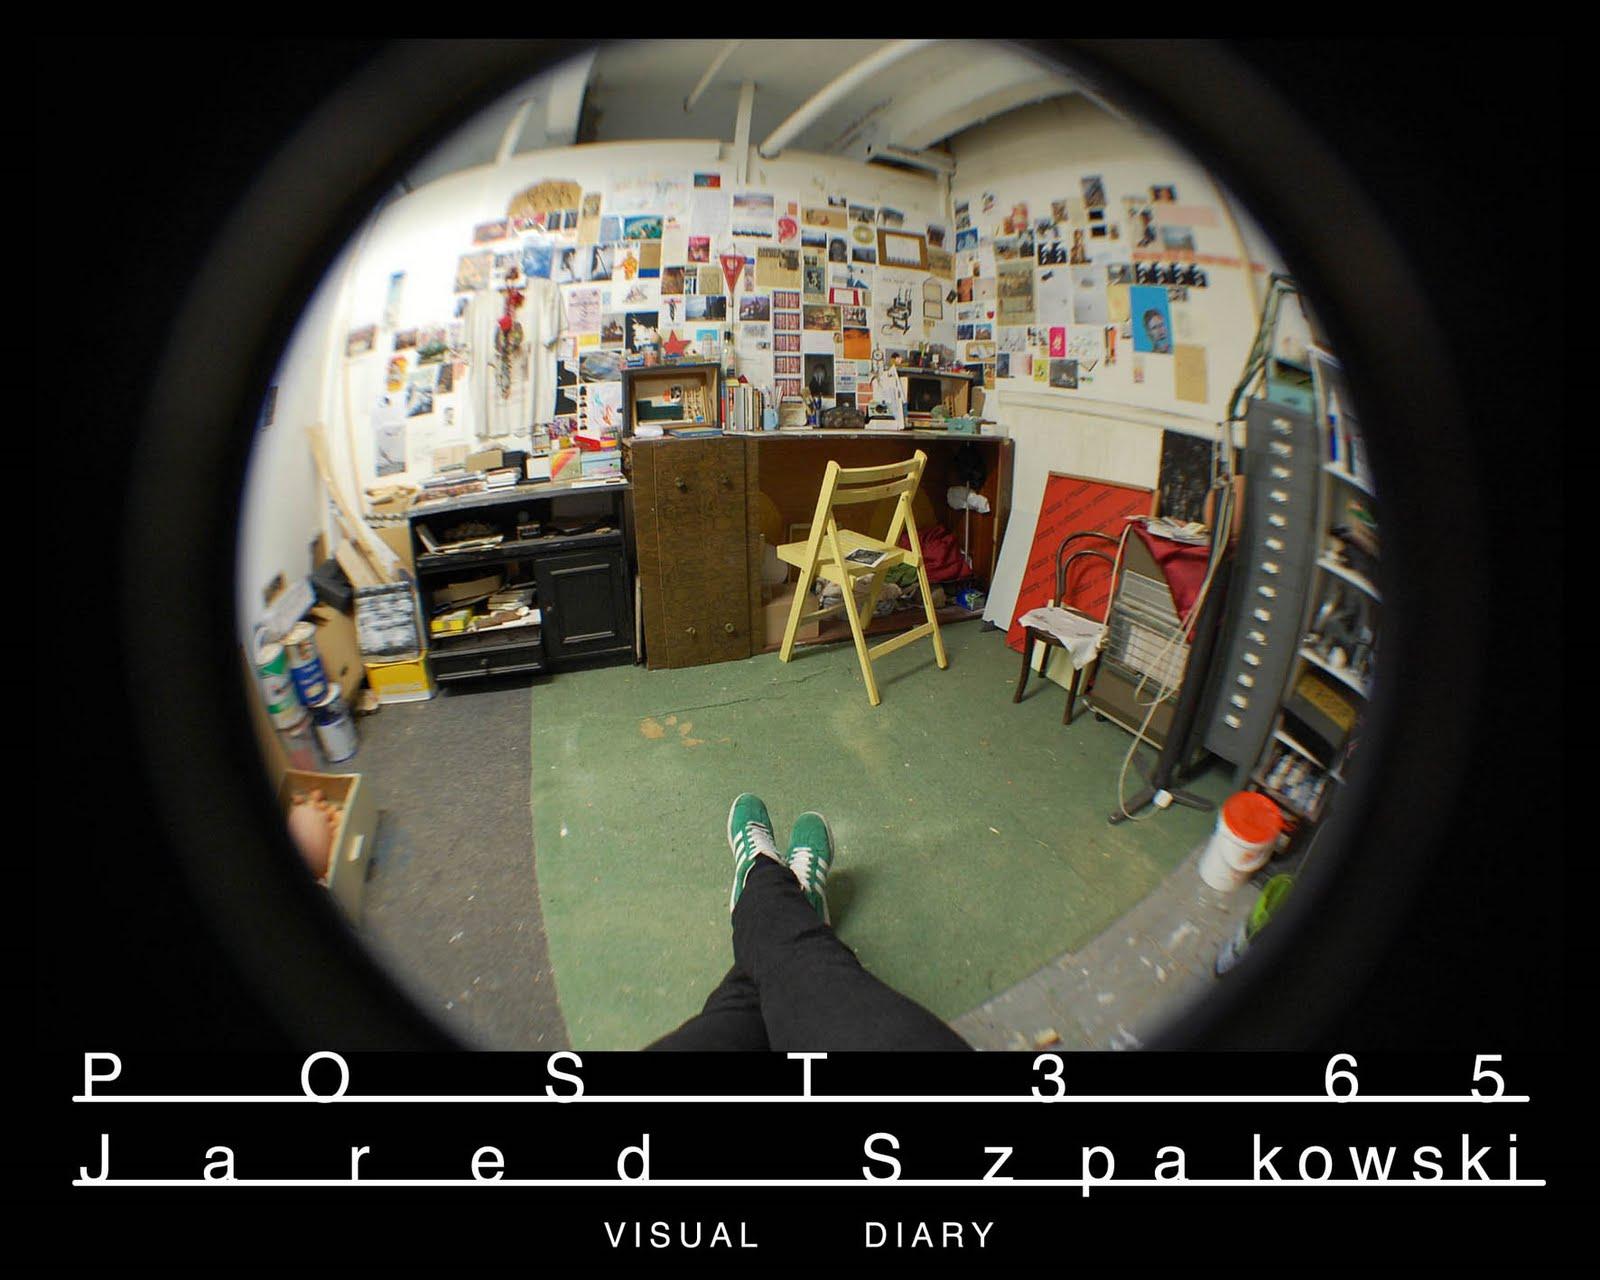 POST 365 - Jared Szpakowski